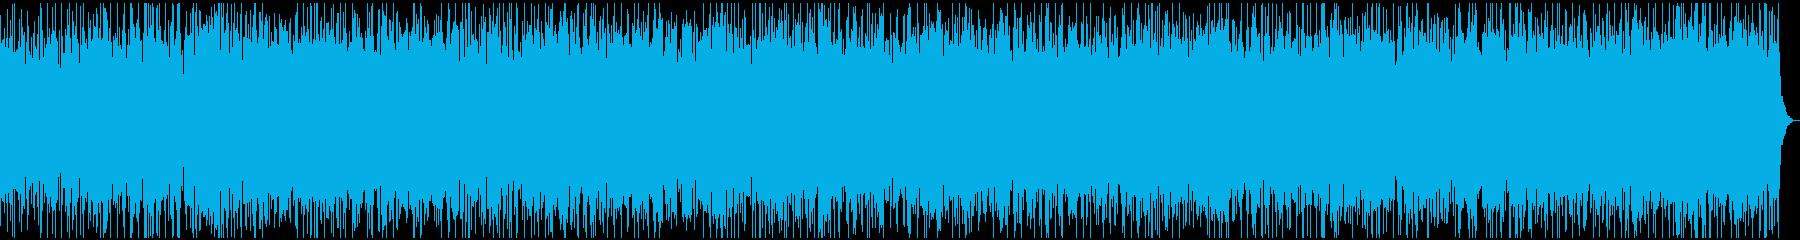 9分長め民族音楽風アイリッシュバイオリンの再生済みの波形